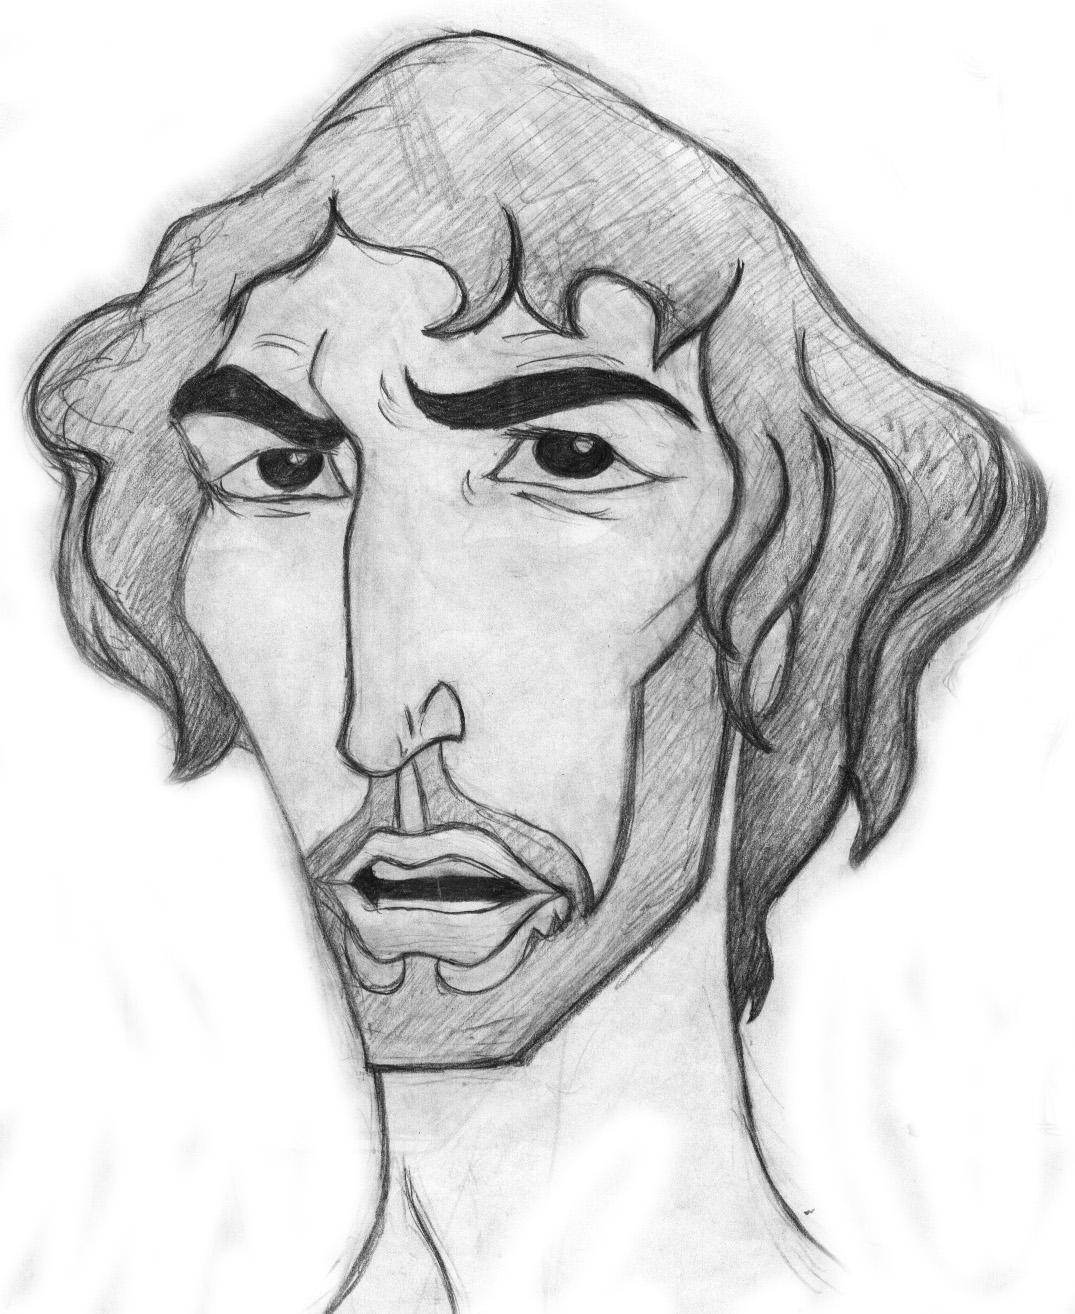 Ricardo Desenhos Cartuns E Animacoes Moises Do Desenho O